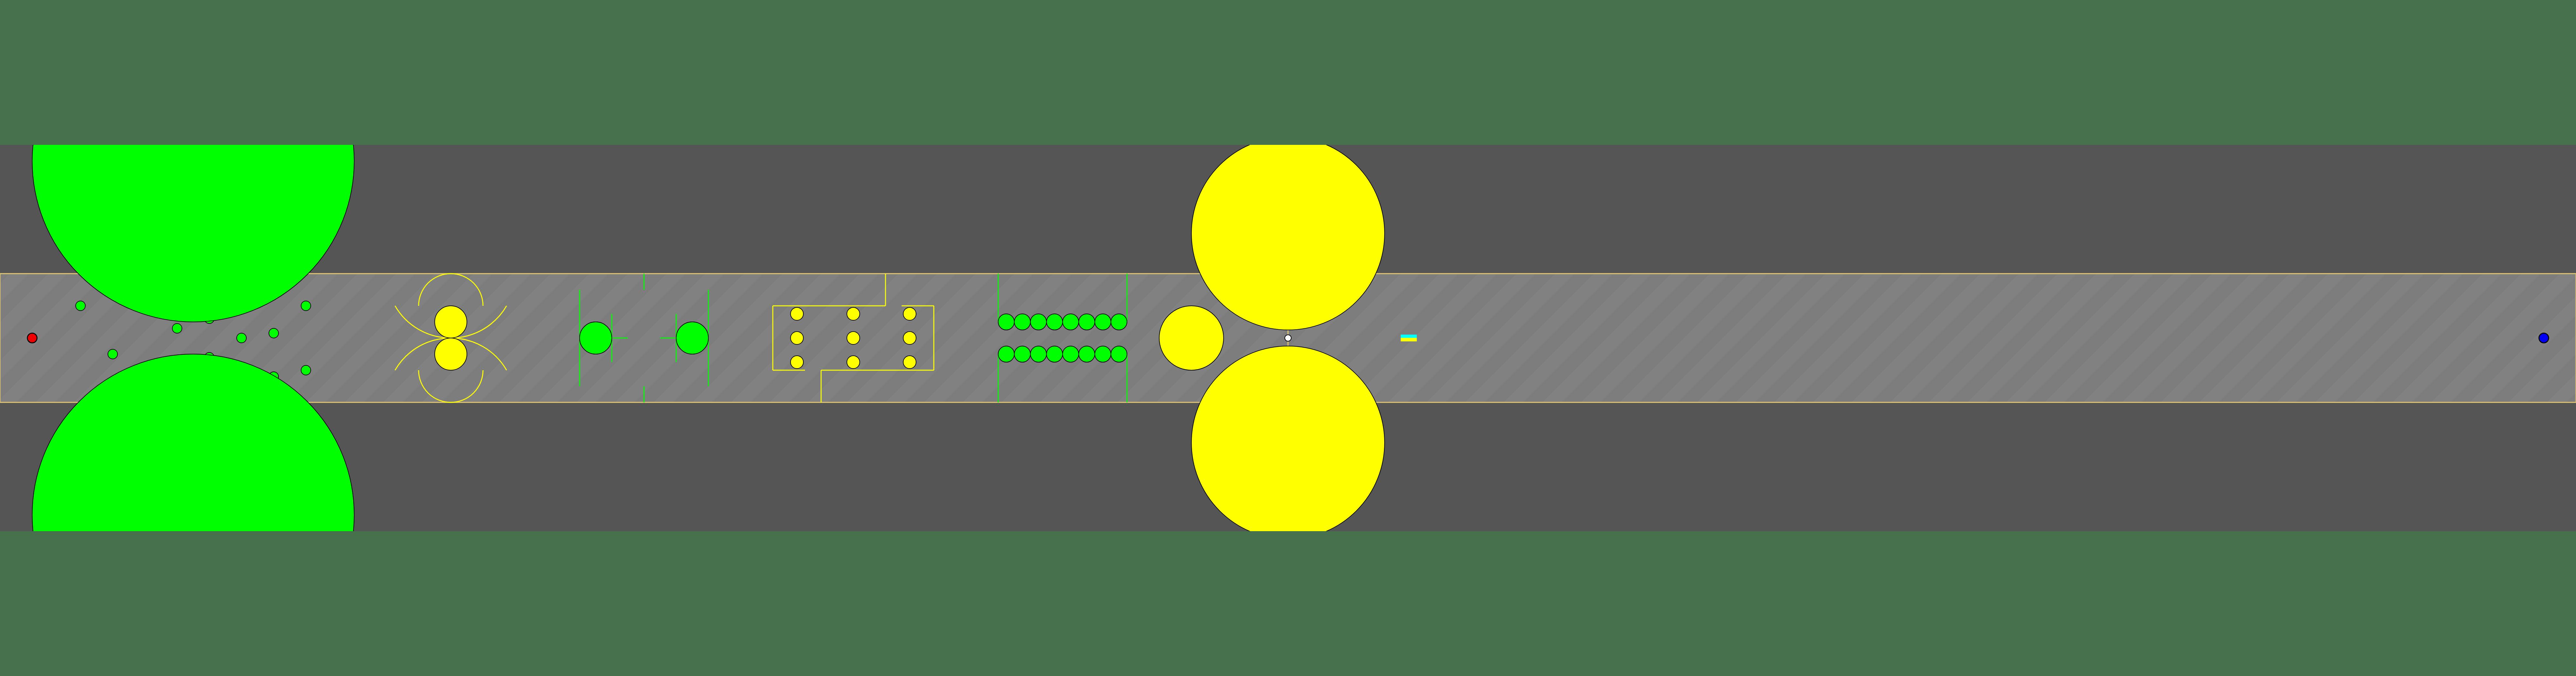 hax ball maps | Sunshine